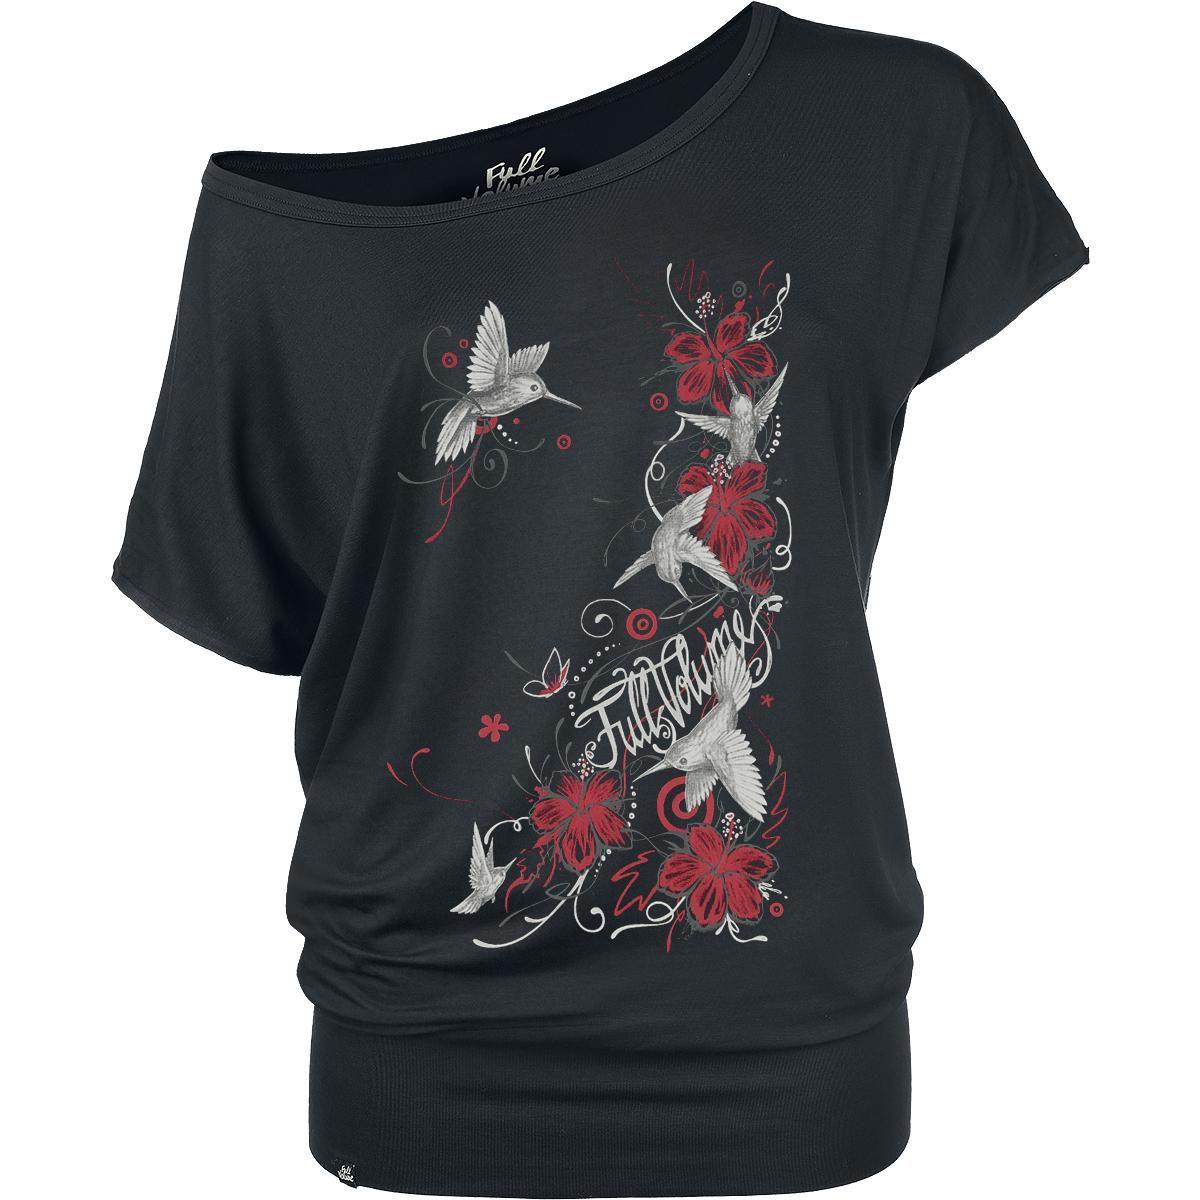 Full Volume by EMP:n hieno naisten Hibiscus Colibri -T-paita, jossa on leveä resori helmassa ja suuri etupainatus.